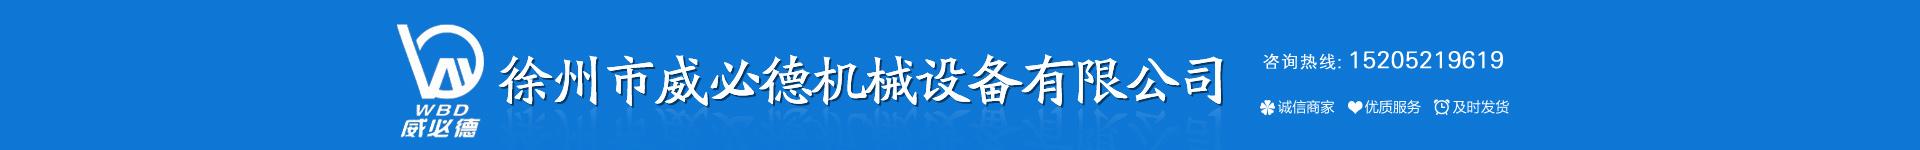 徐州市威必德机械设备有限公司